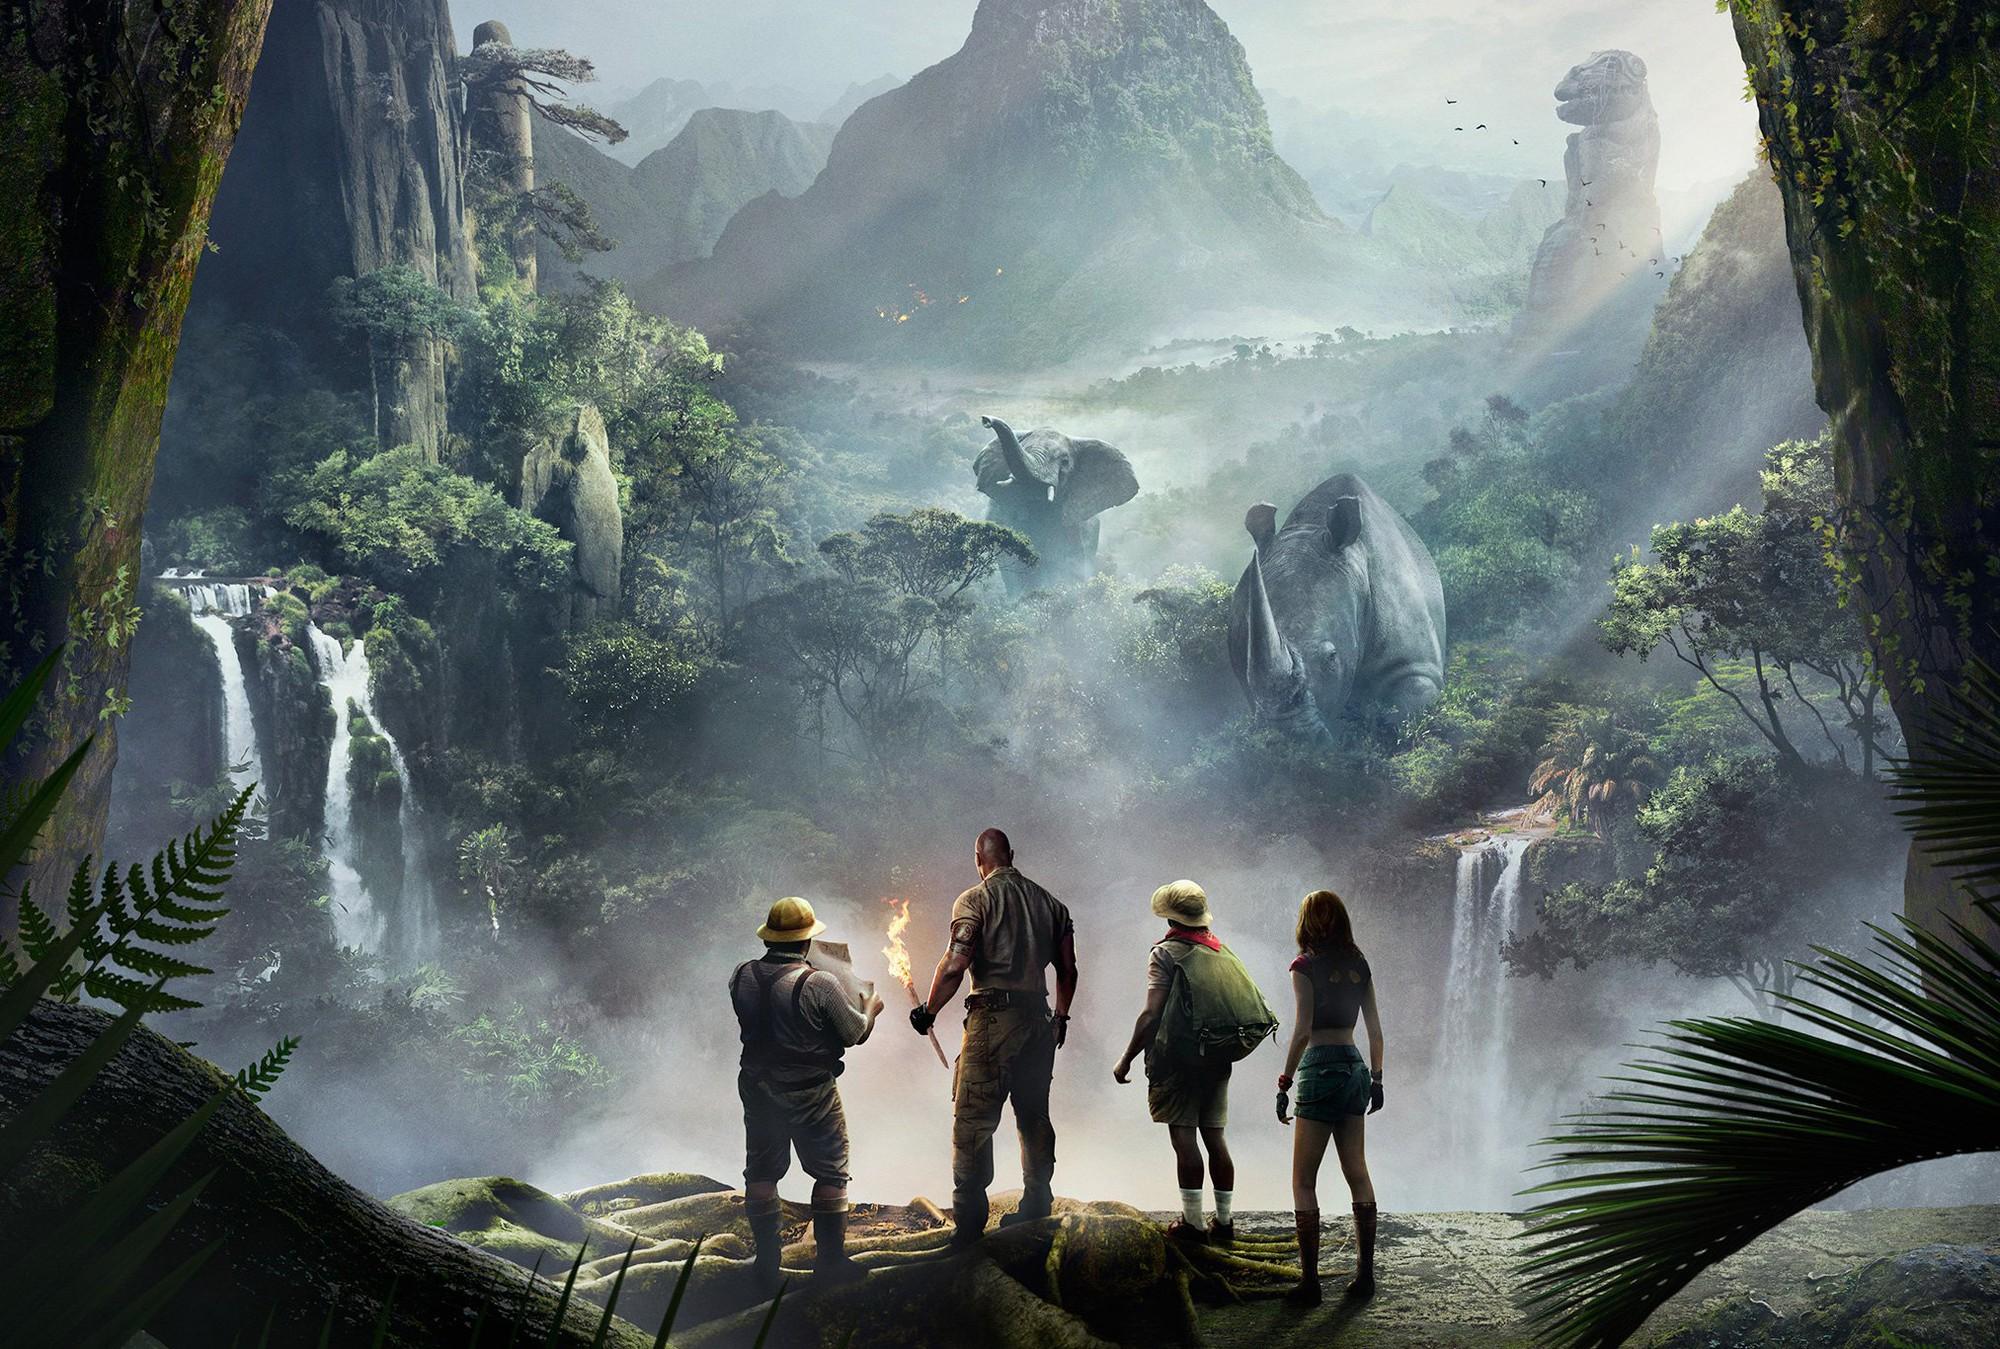 Jumanji: Welcome to the Jungle - Phiên bản reboot đầy tiếng cười và giải trí - Ảnh 1.